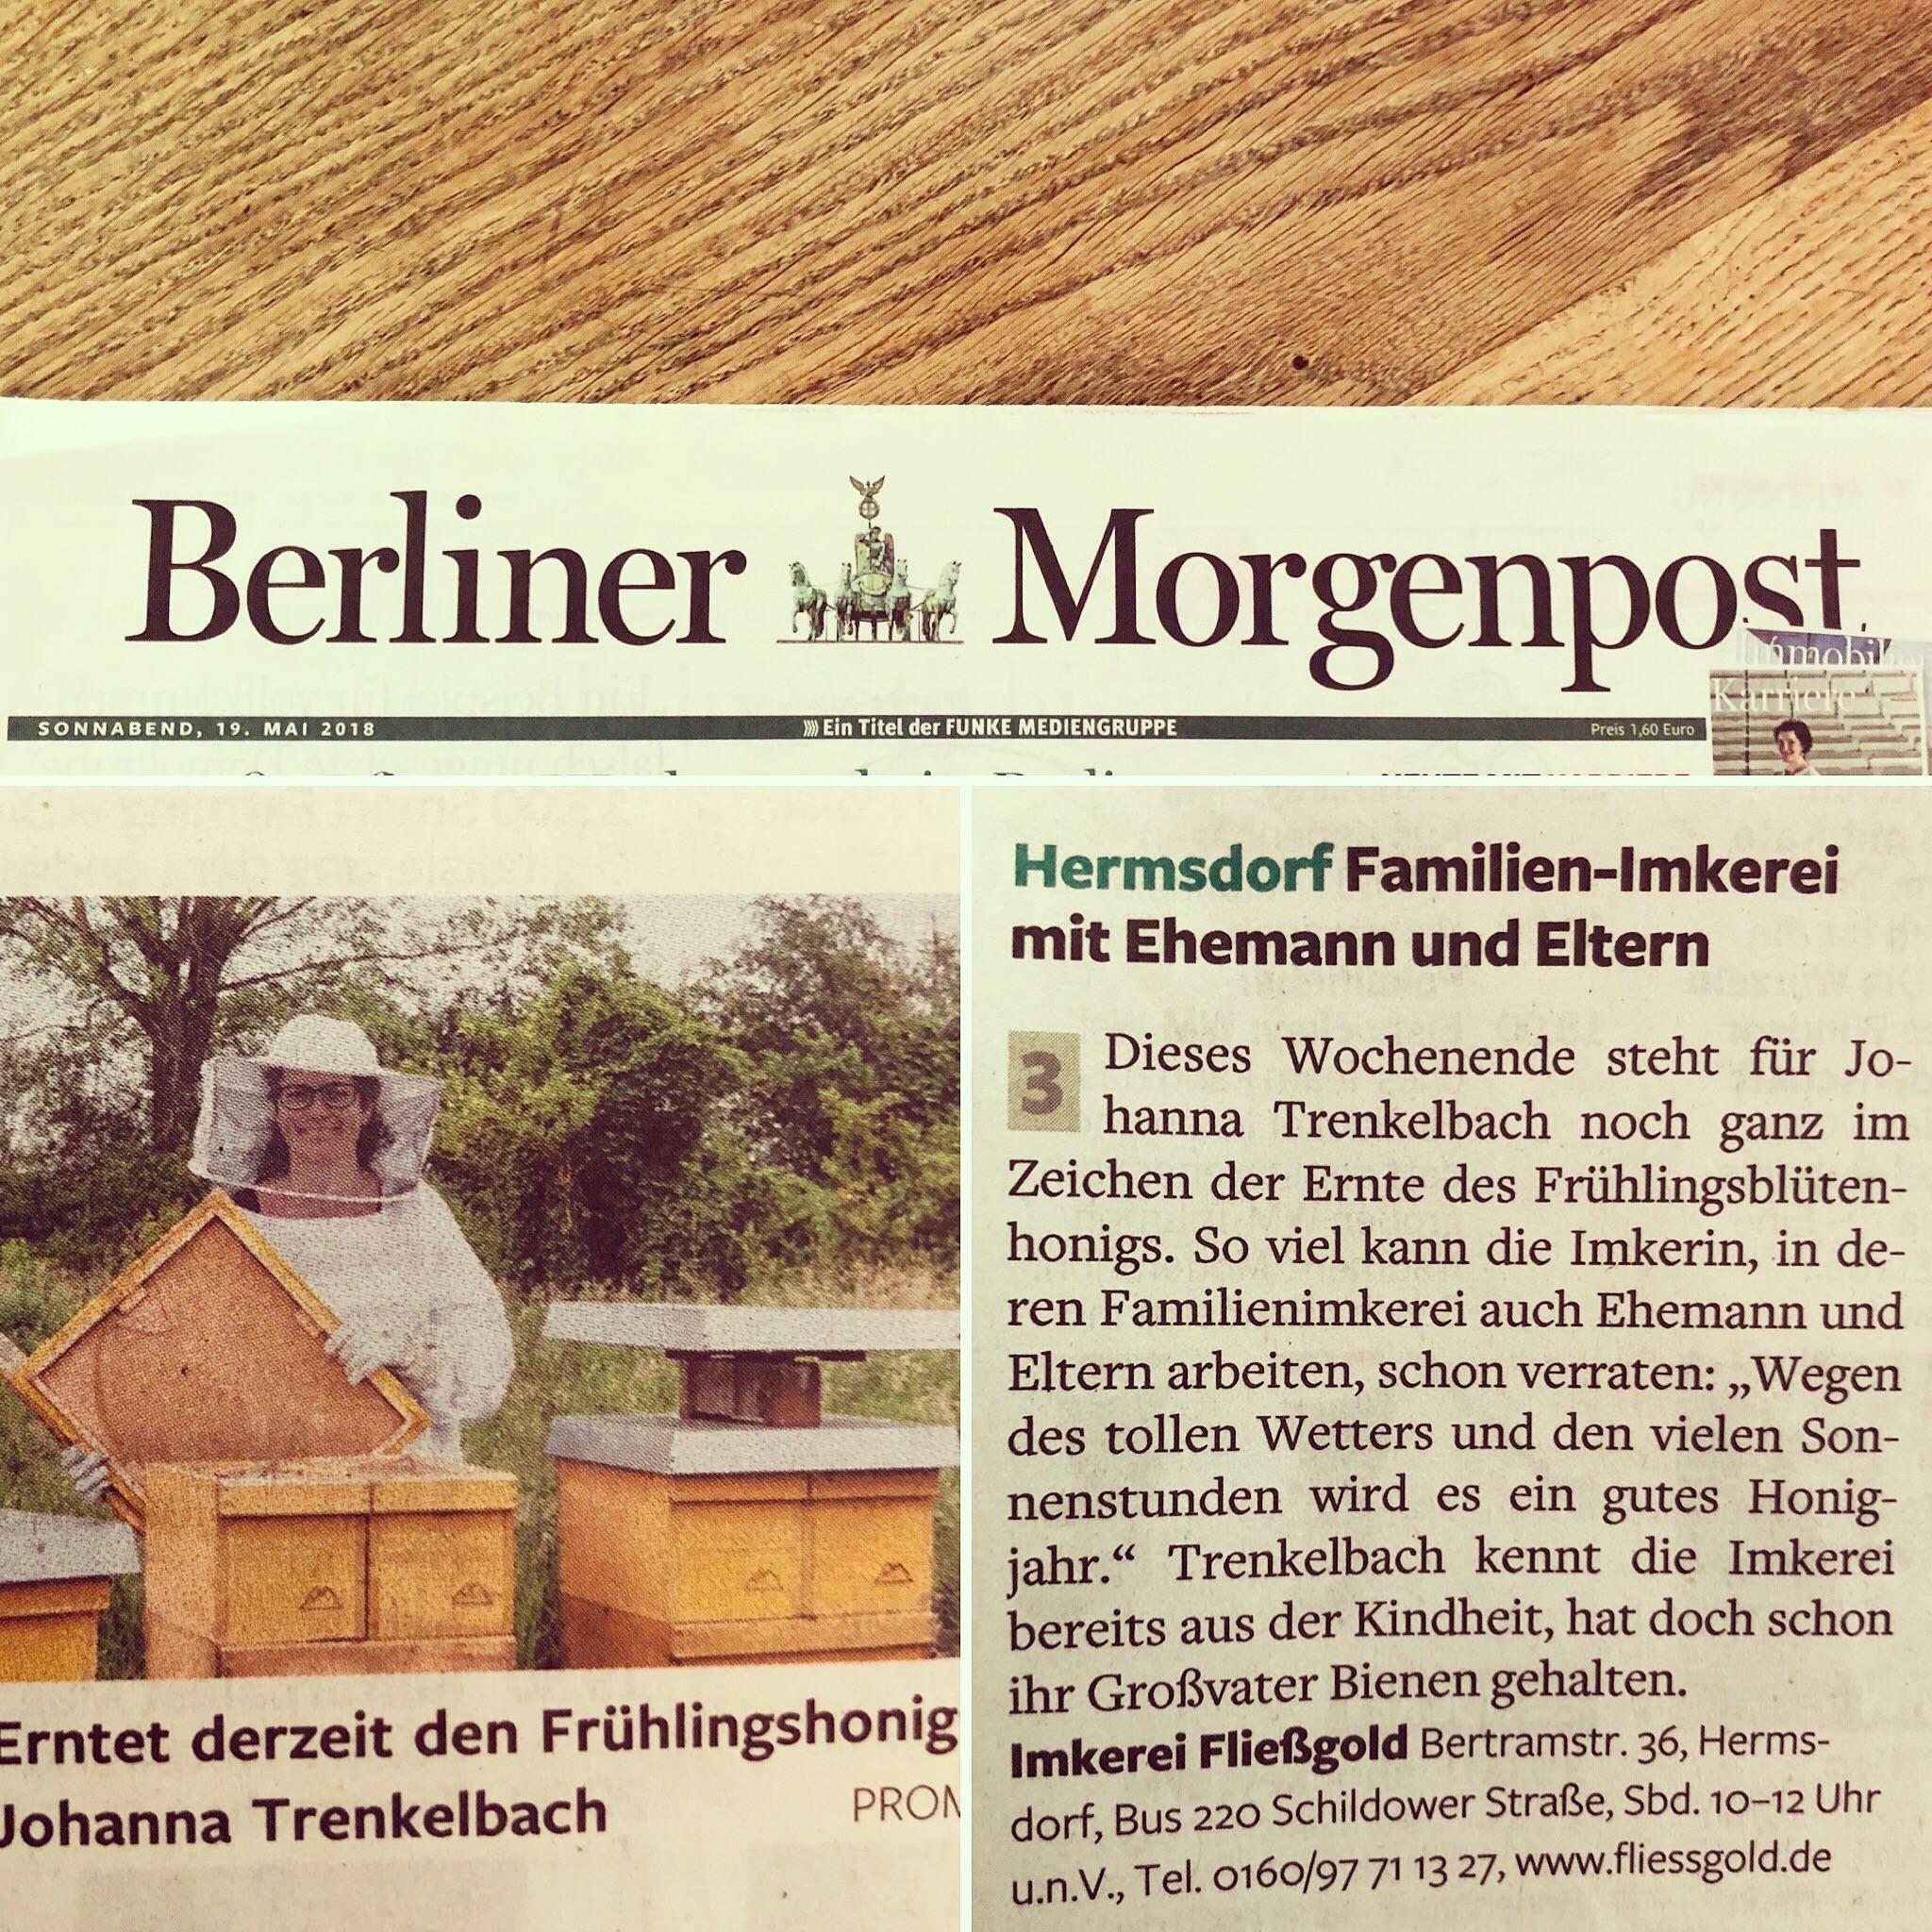 Artikel über die Bio-Imkerei Fließgold in der Berliner Morgenpost vom 19. Mai 2018